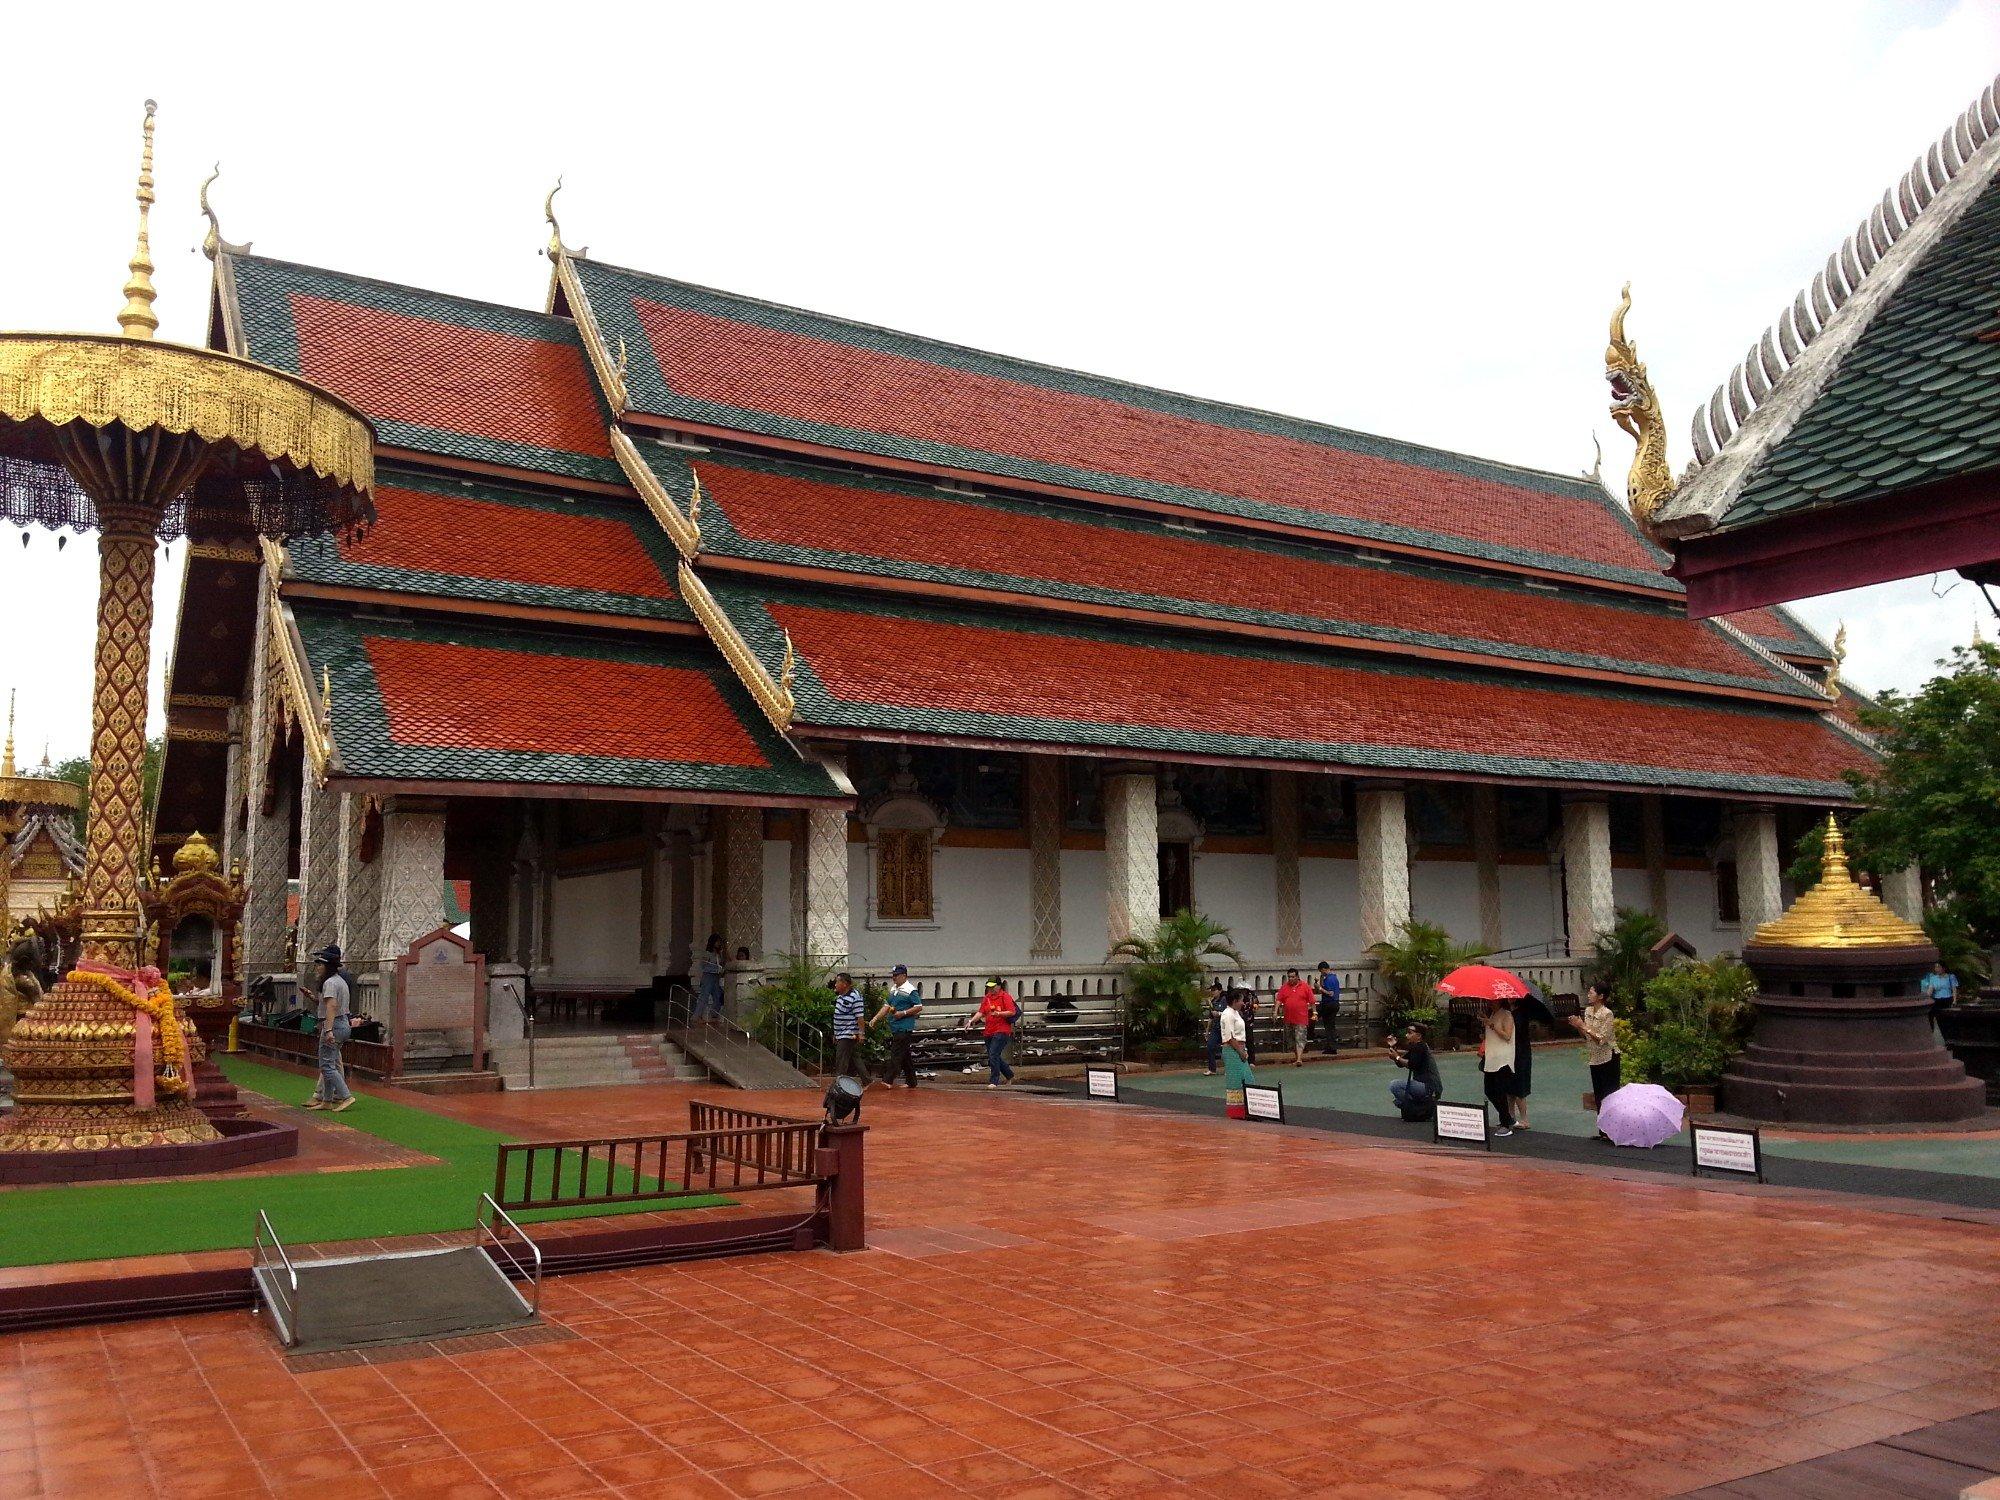 Main assembly hall at Wat Phra That Hariphunchai